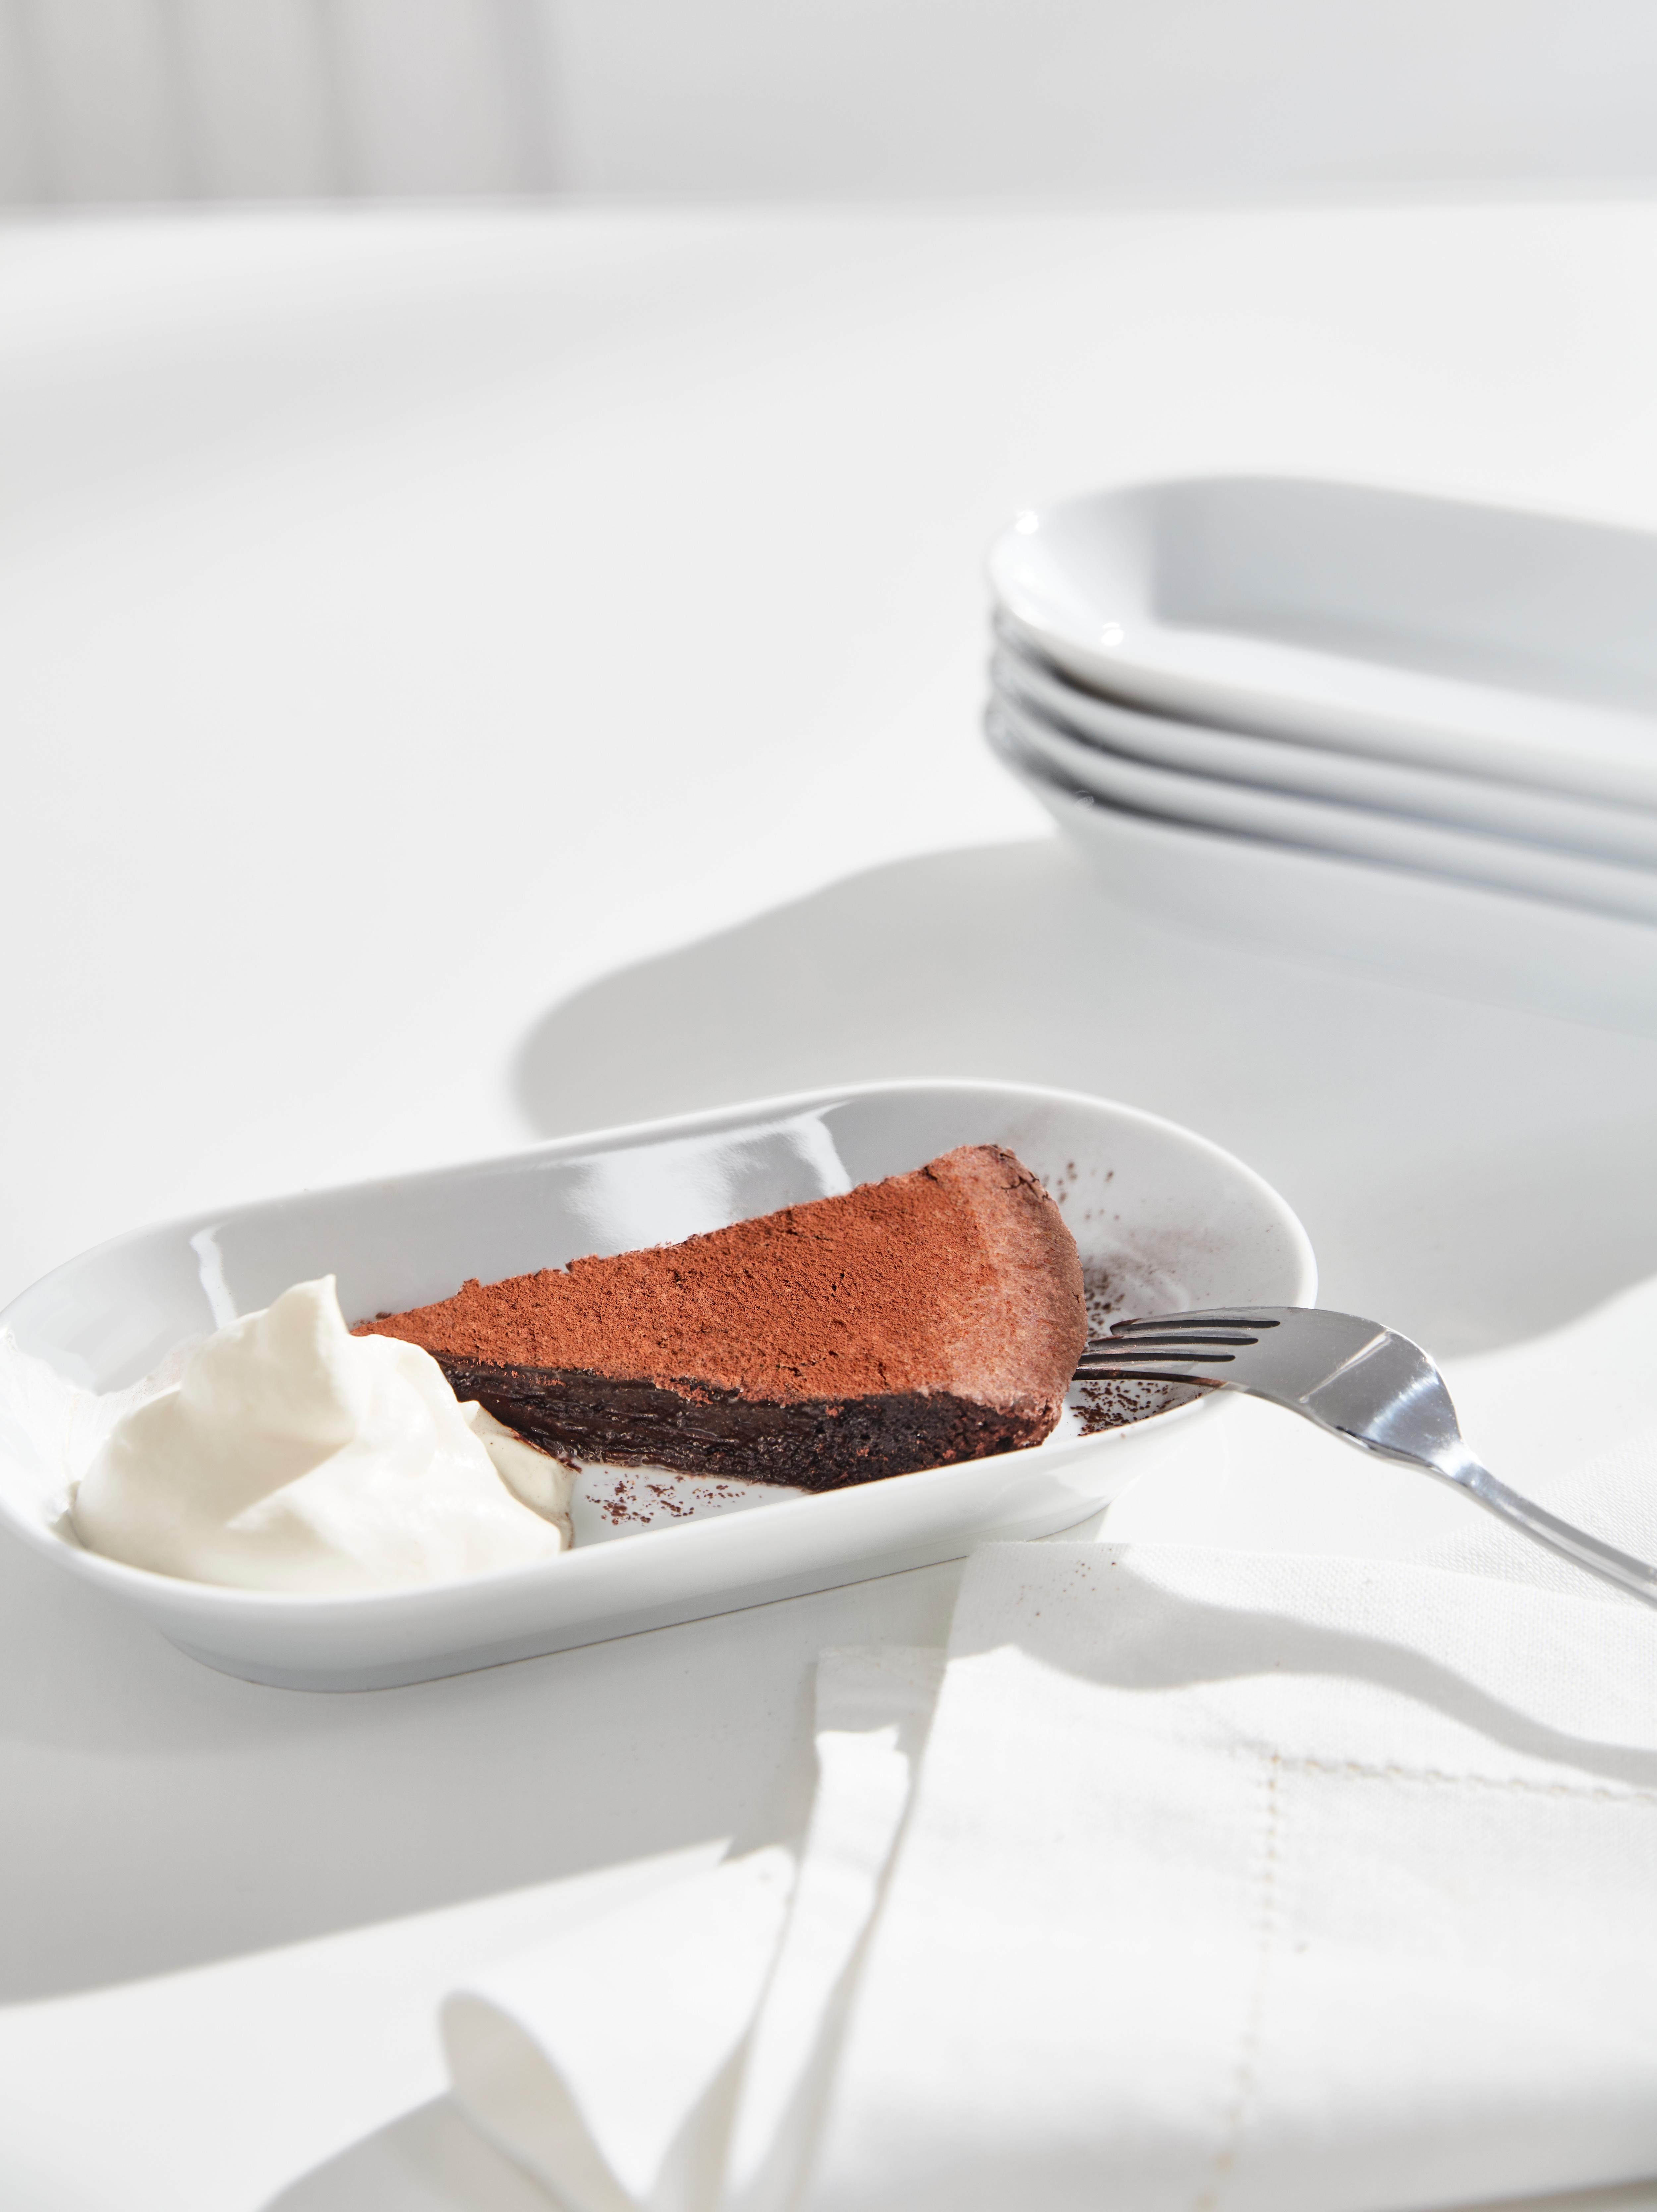 IKEA 365+ serieko feldespato zuri portzelanazko plaka obalatua, txokolate tarta zati batekin, esnegainarekin eta sardexka batekin.